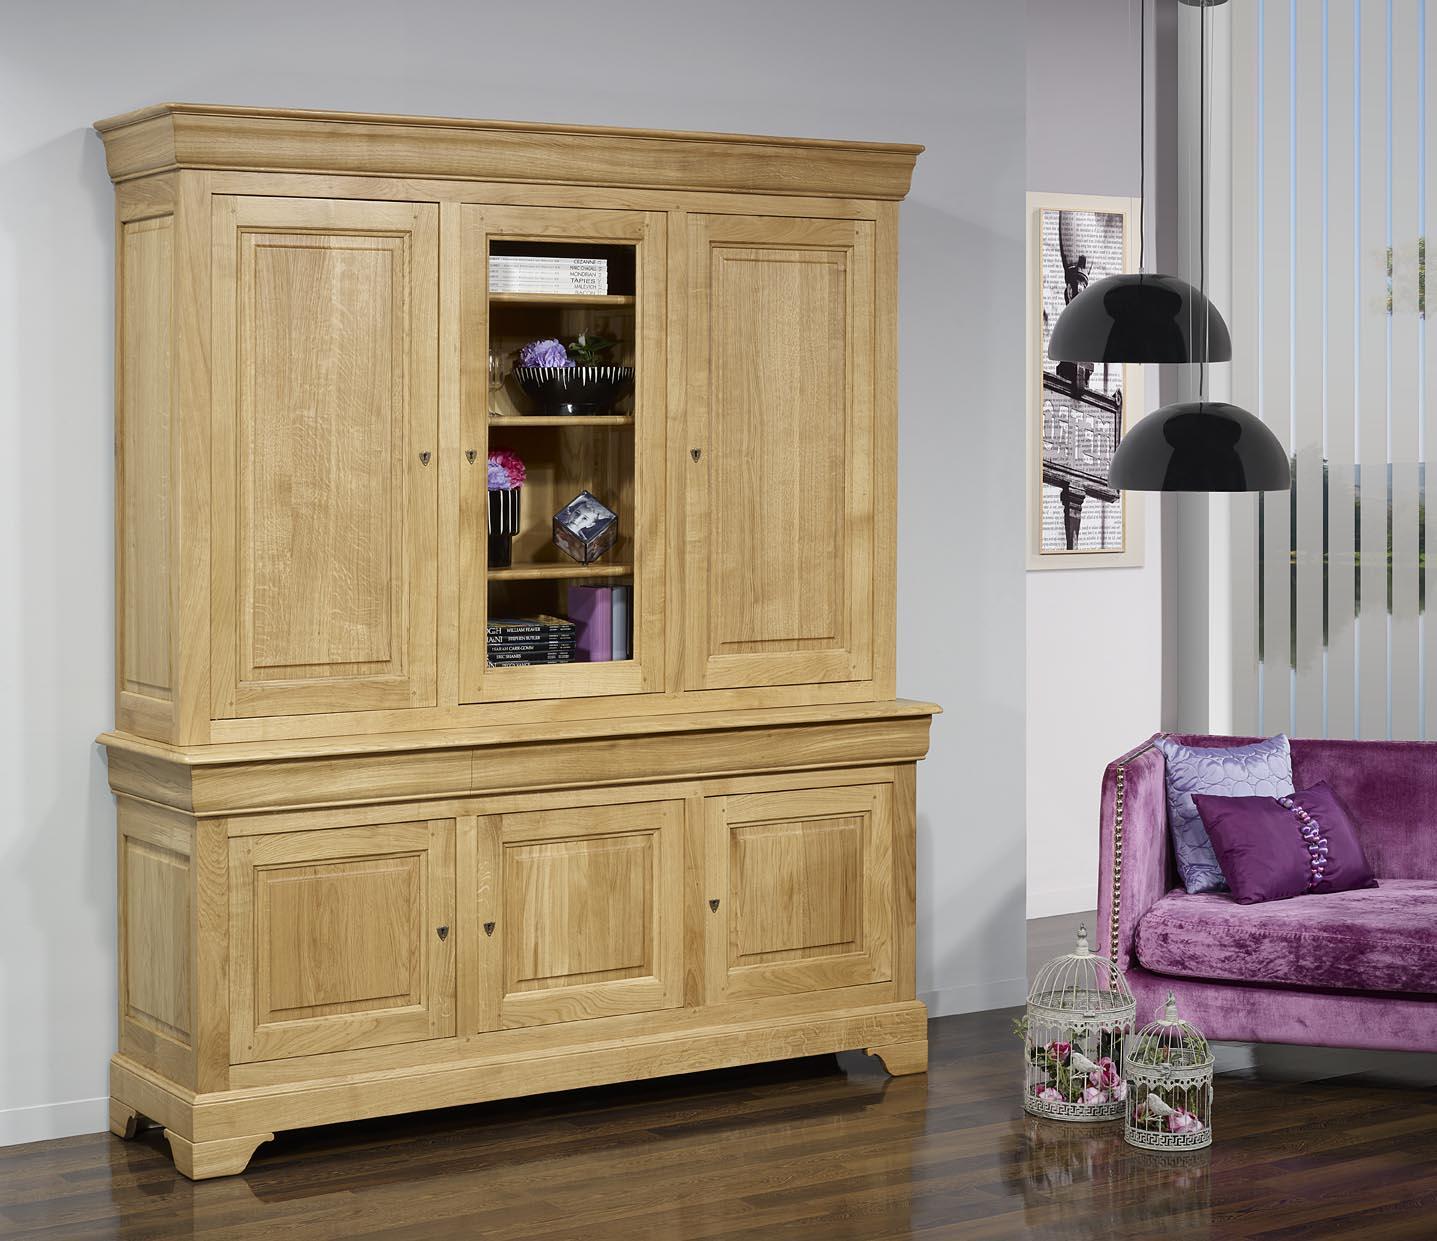 biblioth que 2 corps 3 portes thibaud en ch ne massif de style louis philippe meuble en ch ne. Black Bedroom Furniture Sets. Home Design Ideas